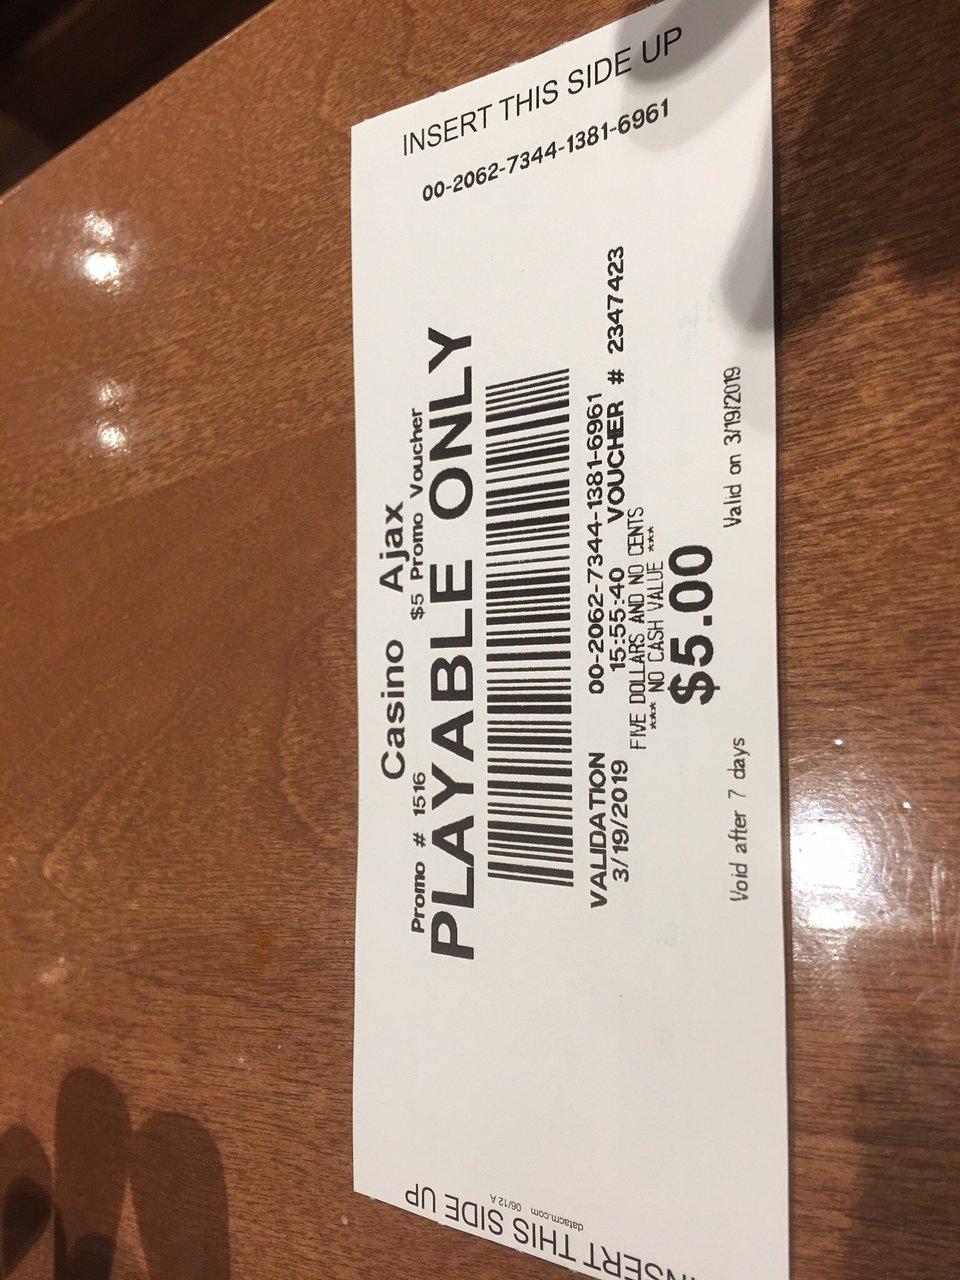 Ajax casino restaurant phone number 800